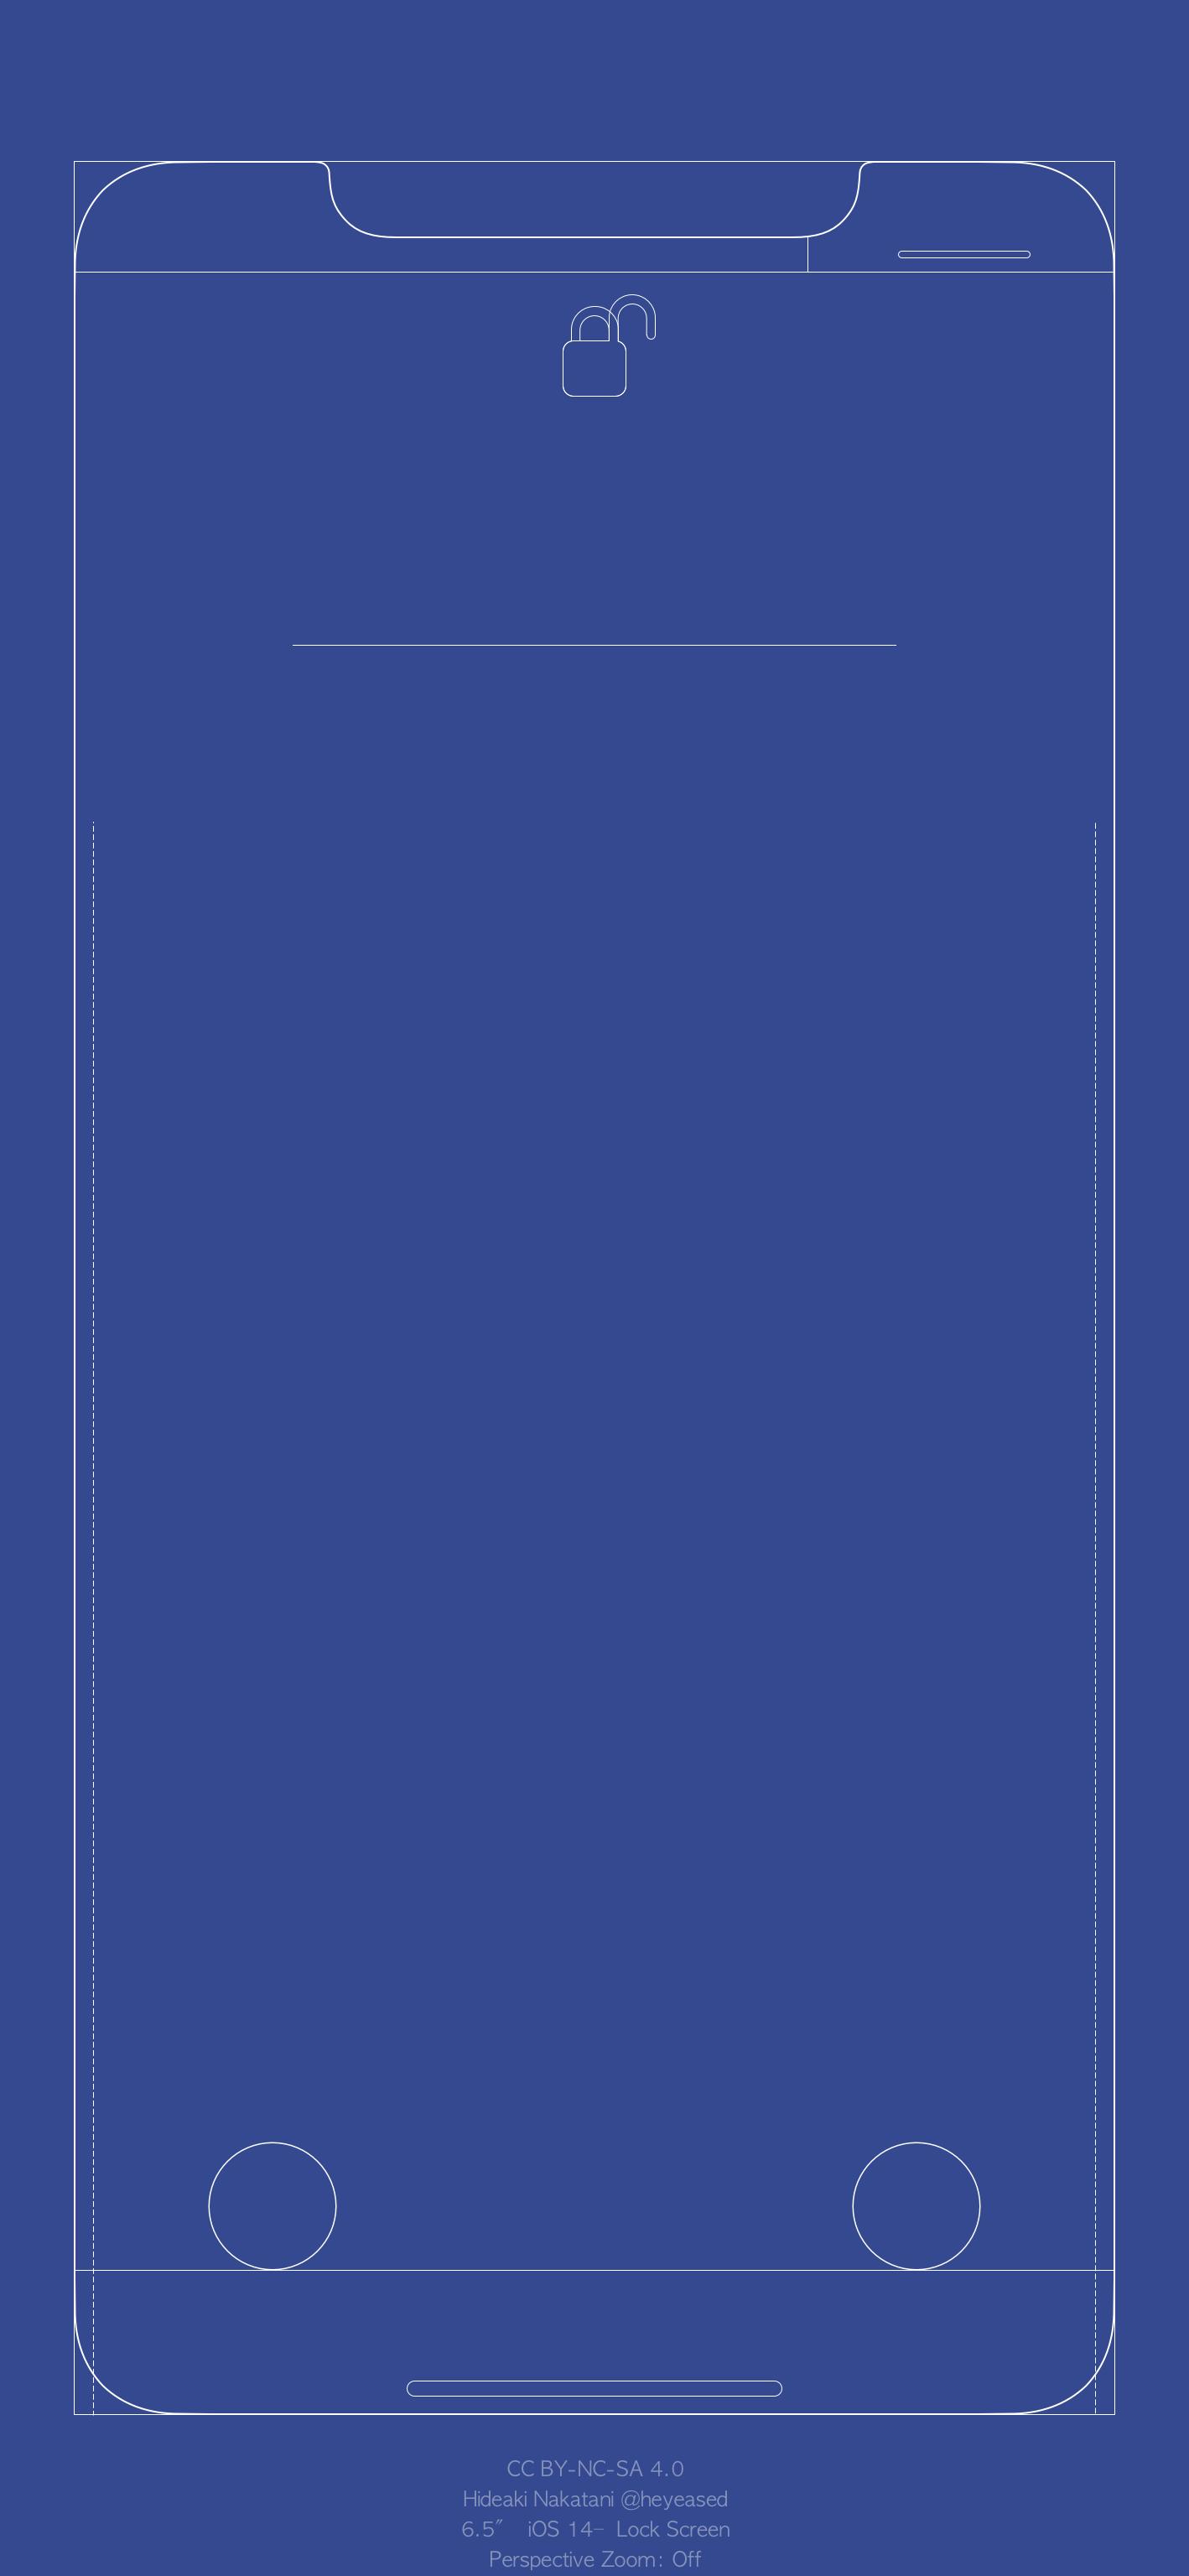 Ladda ner Blueprint-bakgrundsbilder till iPhone 11 Pro Max